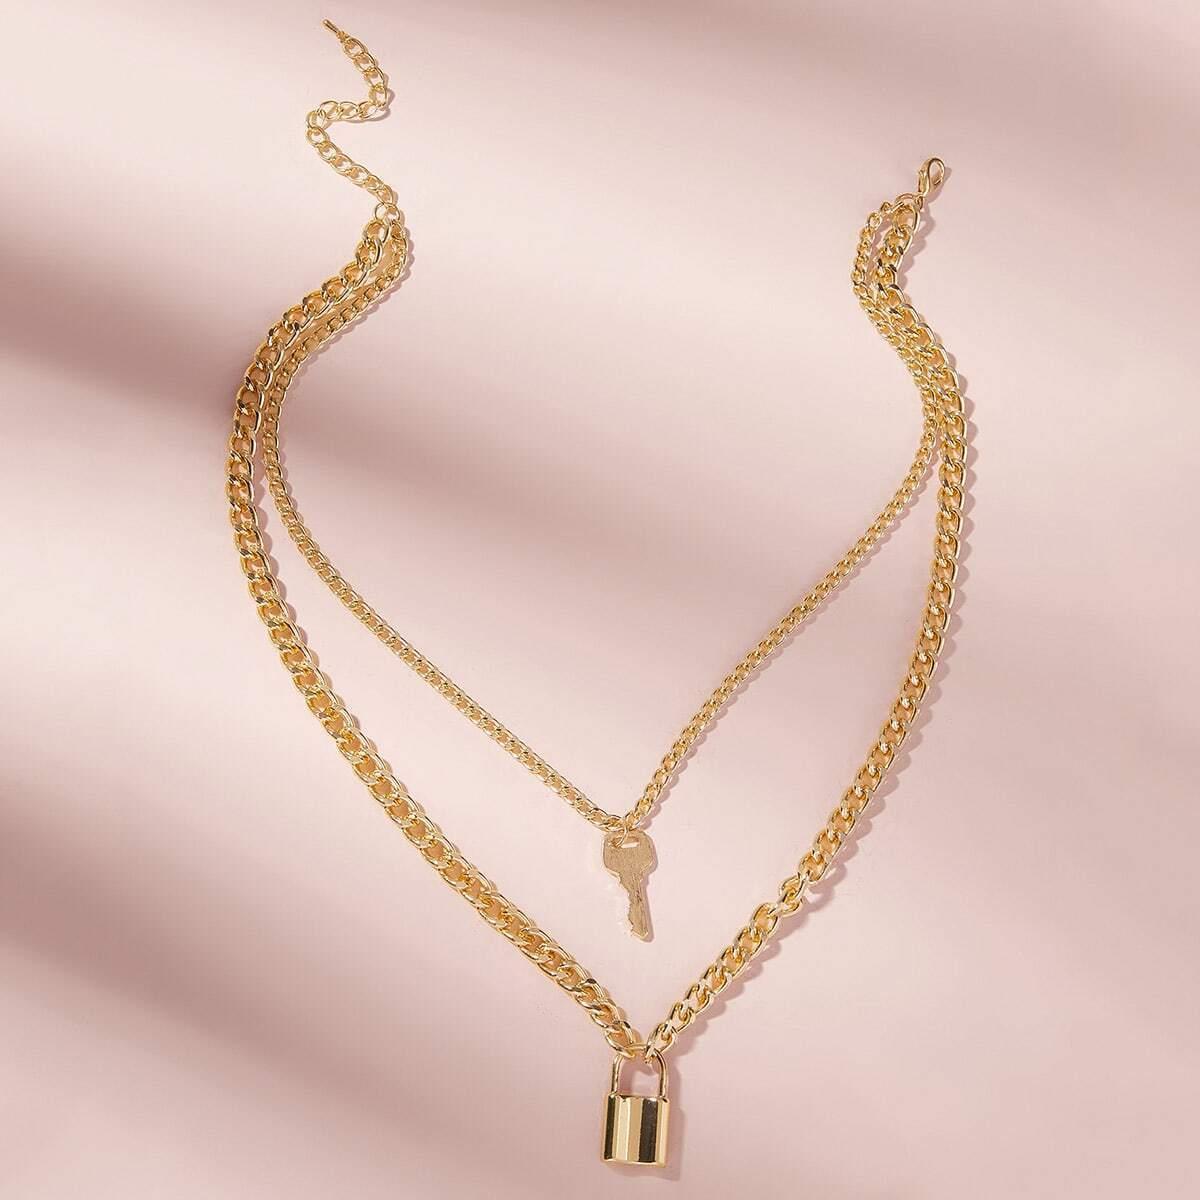 SHEIN / Mehrschichtige Halskette mit Schlüssel & Verschluss Anhänger 1 Stück